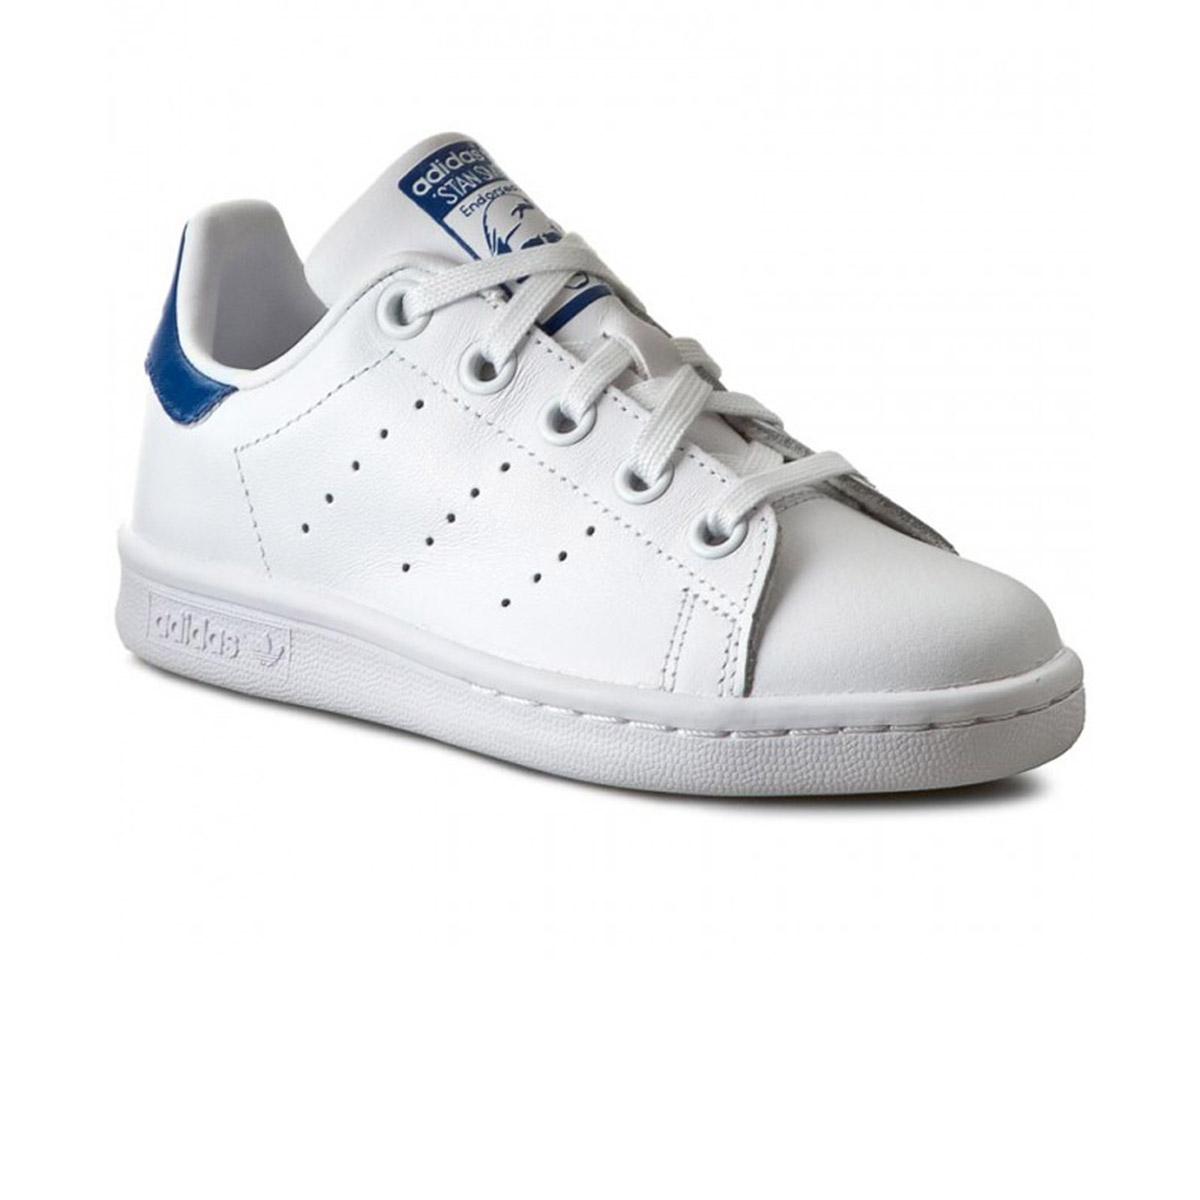 Chaussures Stan Smith Blanc/Bleu Cadet h16